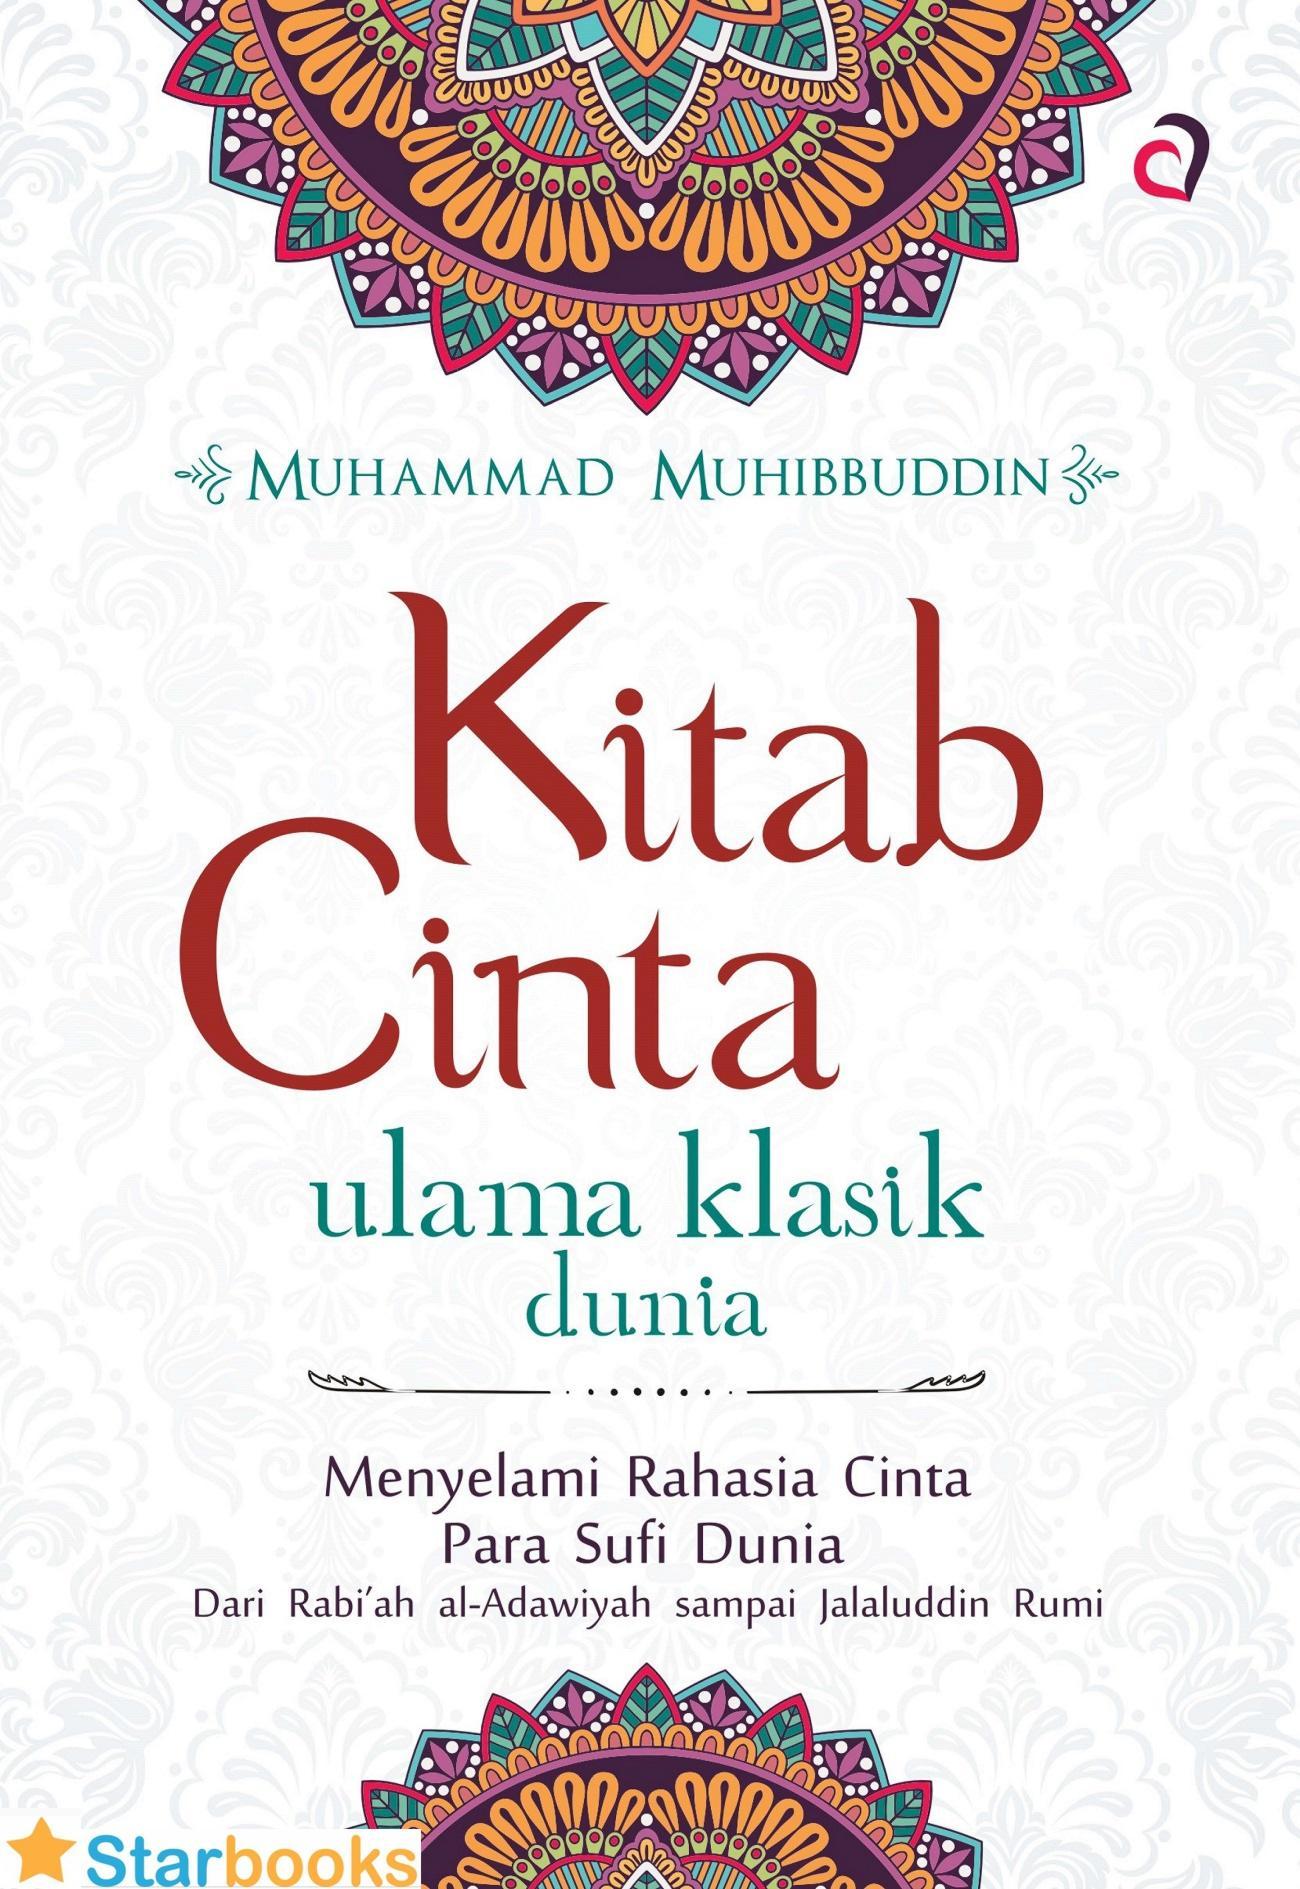 Jual Tshirt Nahdatul Ulama Murah Garansi Dan Berkualitas Id Store Pidato 3 Bahasa Arab Indonesia Inggris Tim Timur Tengah Rp 46500